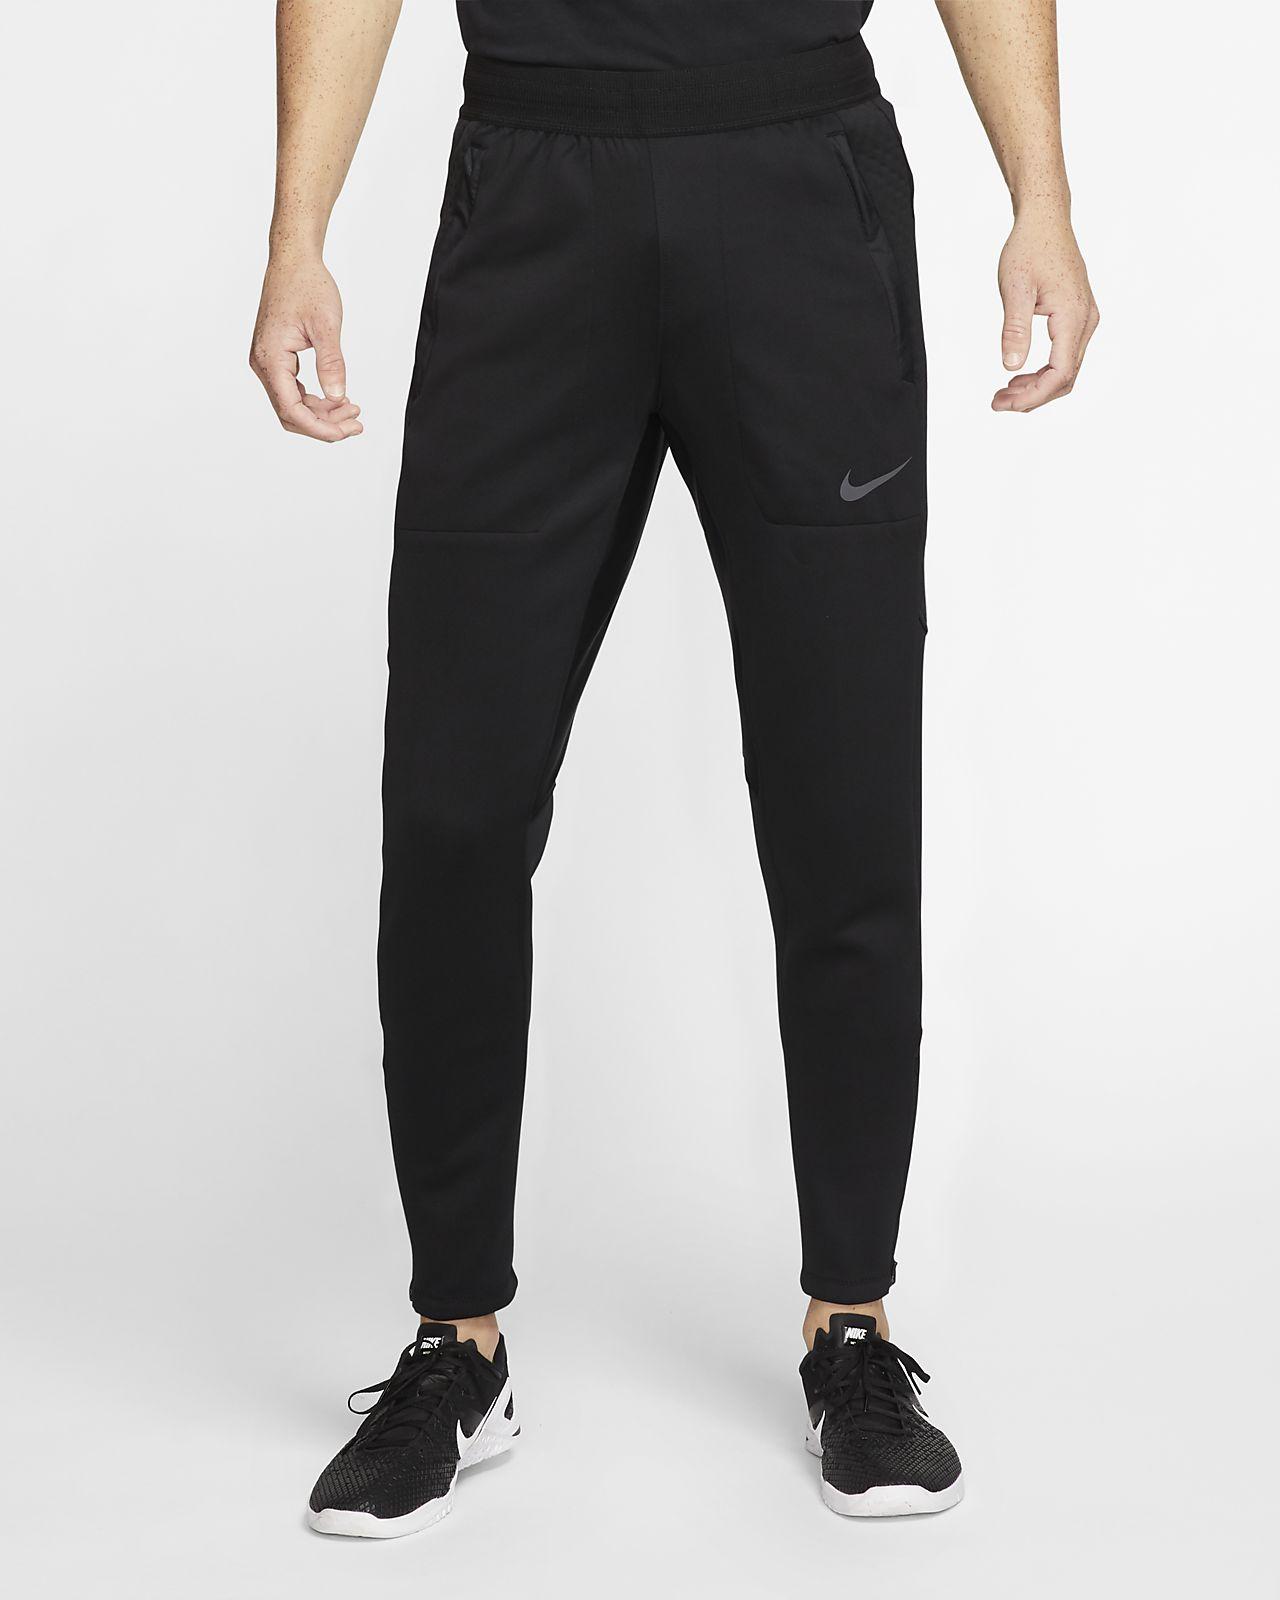 Pantalones de entrenamiento para hombre Nike Therma